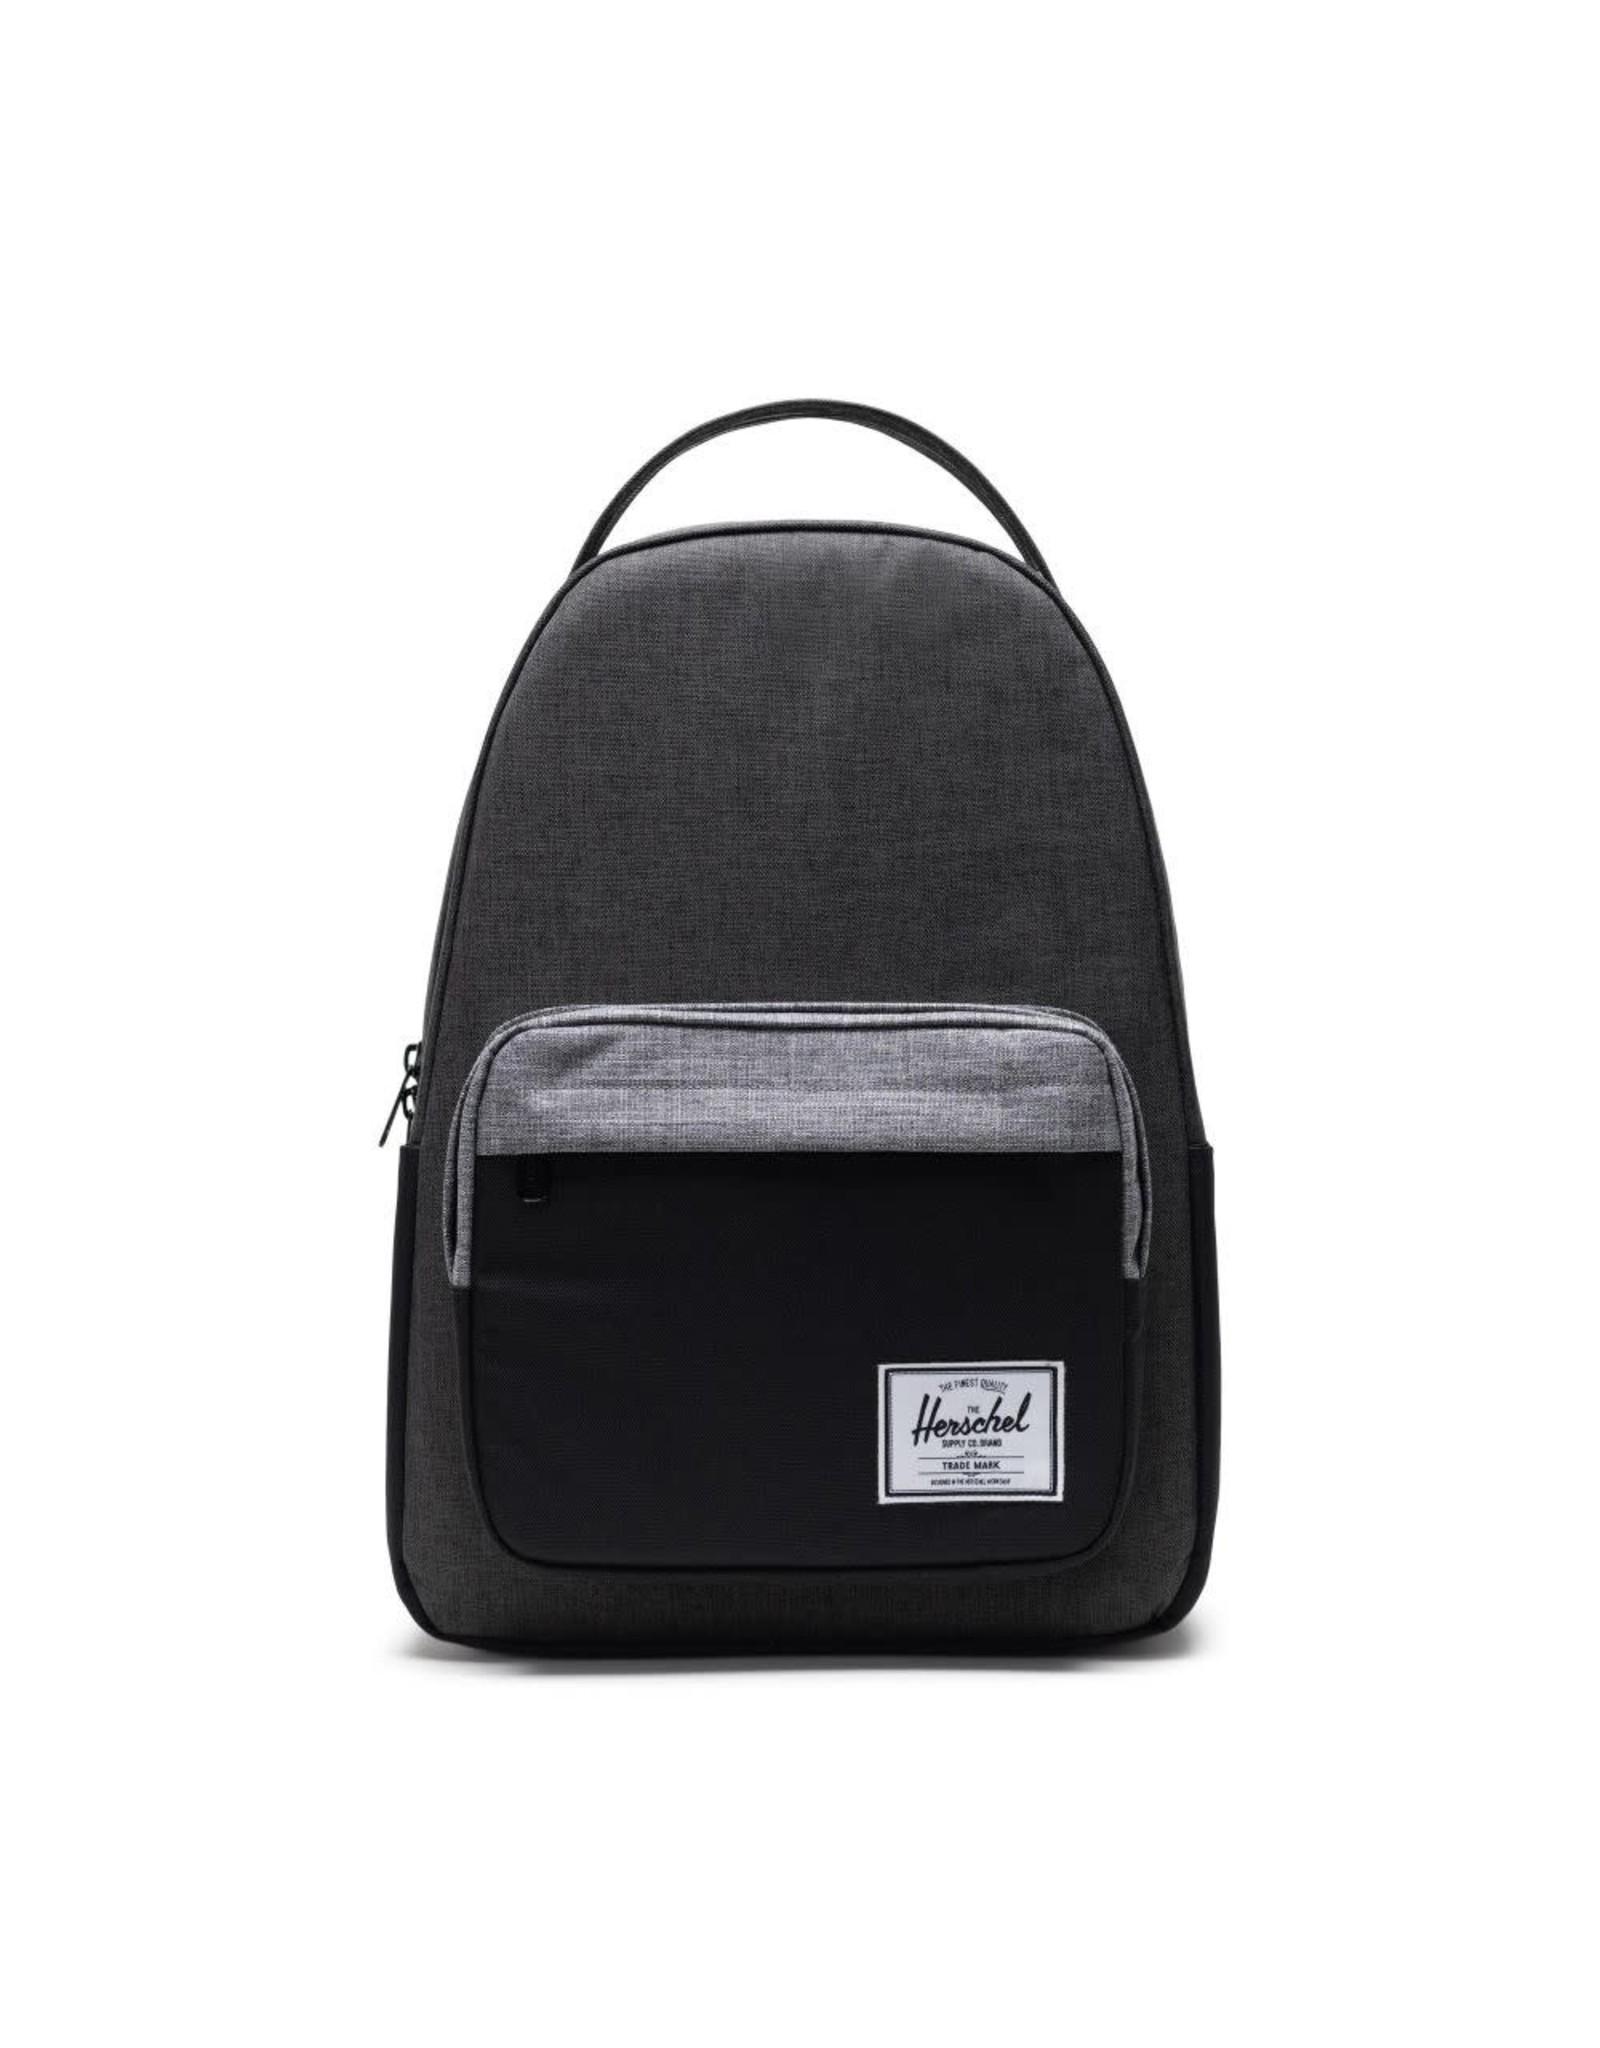 Herschel Miller Bag